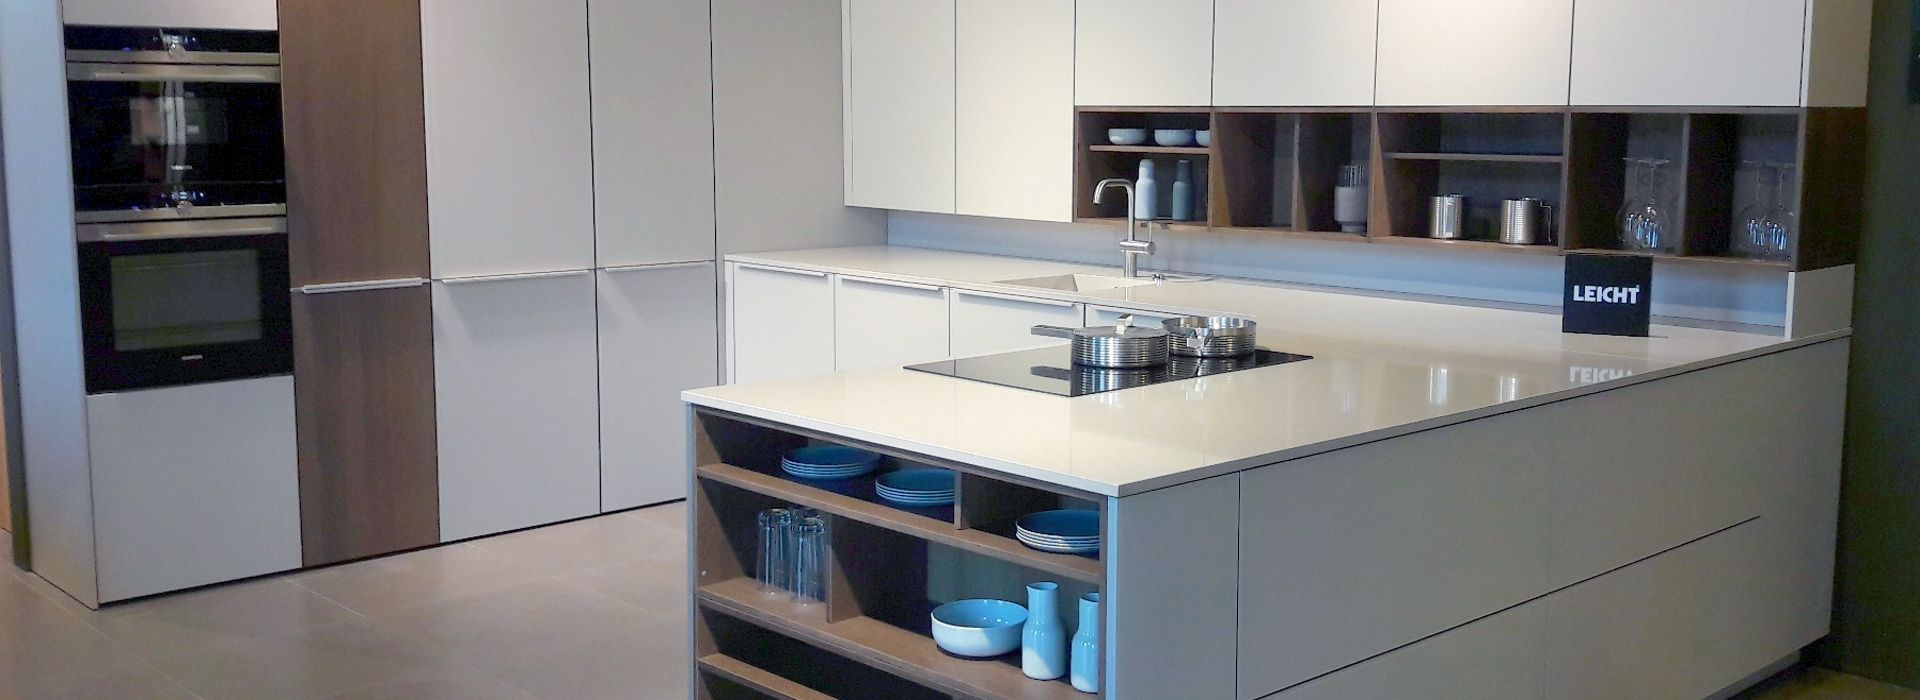 Bei uns können Sie Ihre neue LEICHT-Küche planen lassen ...